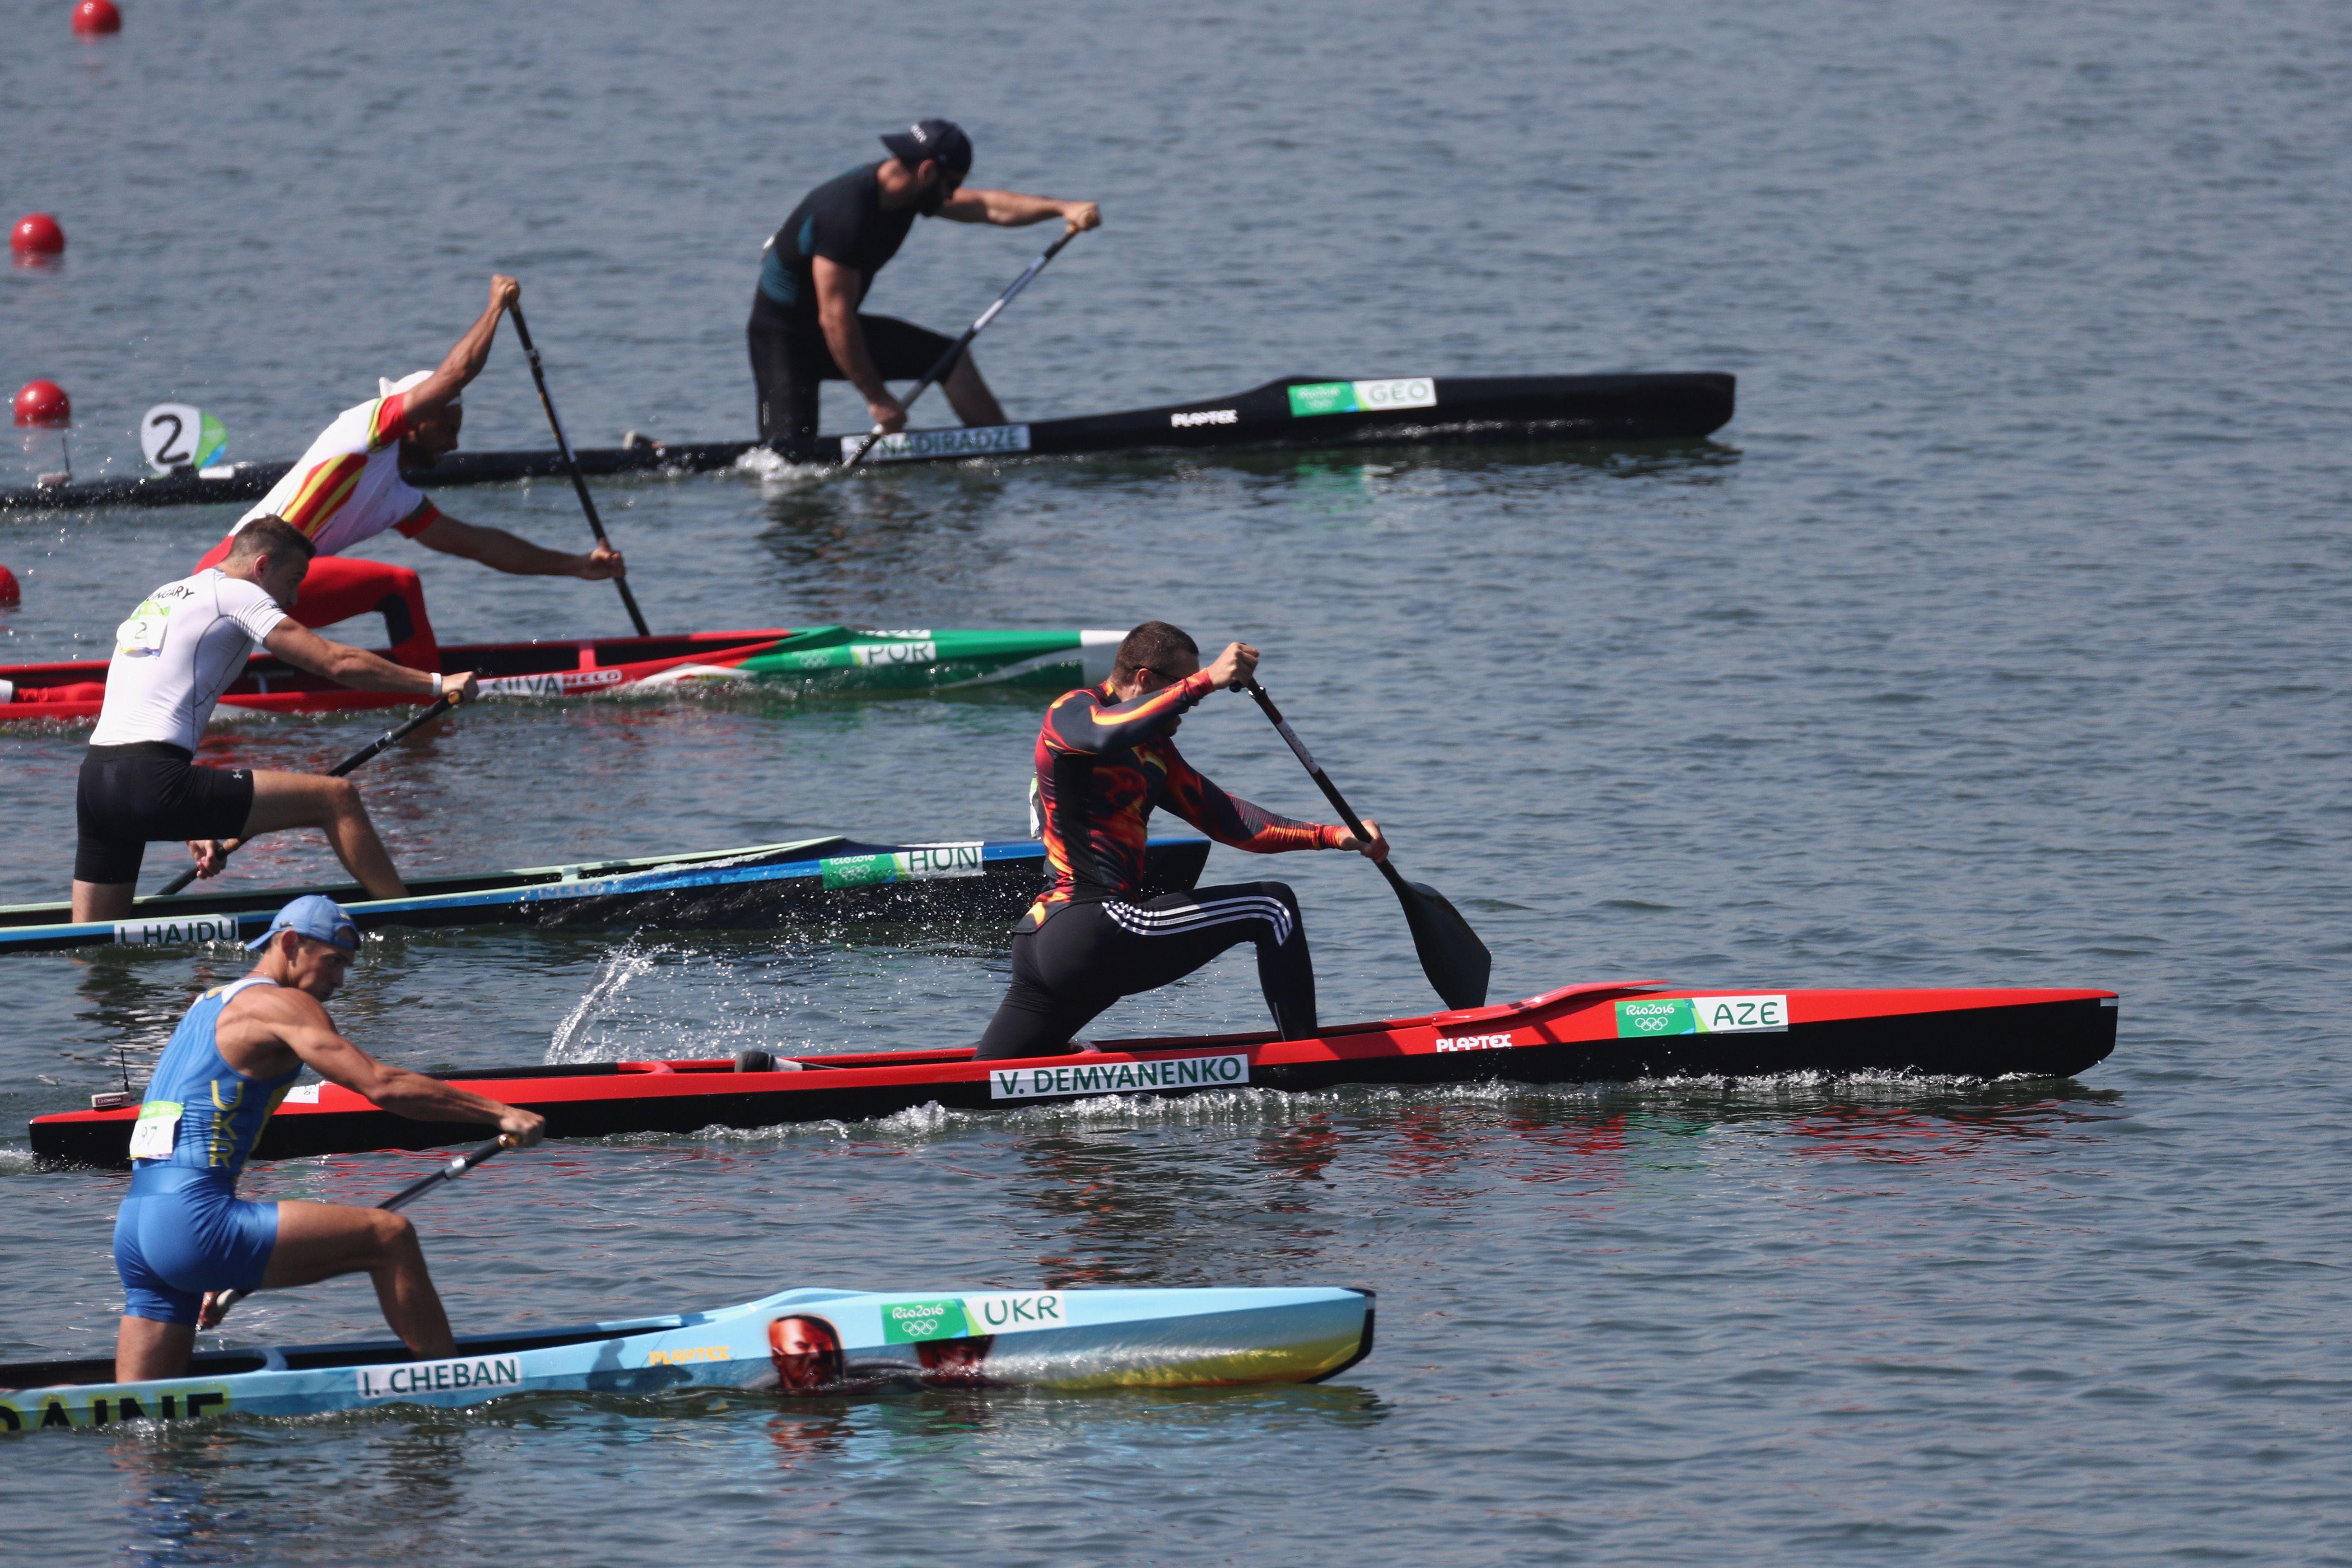 Sprint Piragüismo en los Juegos Olímpicos de Río